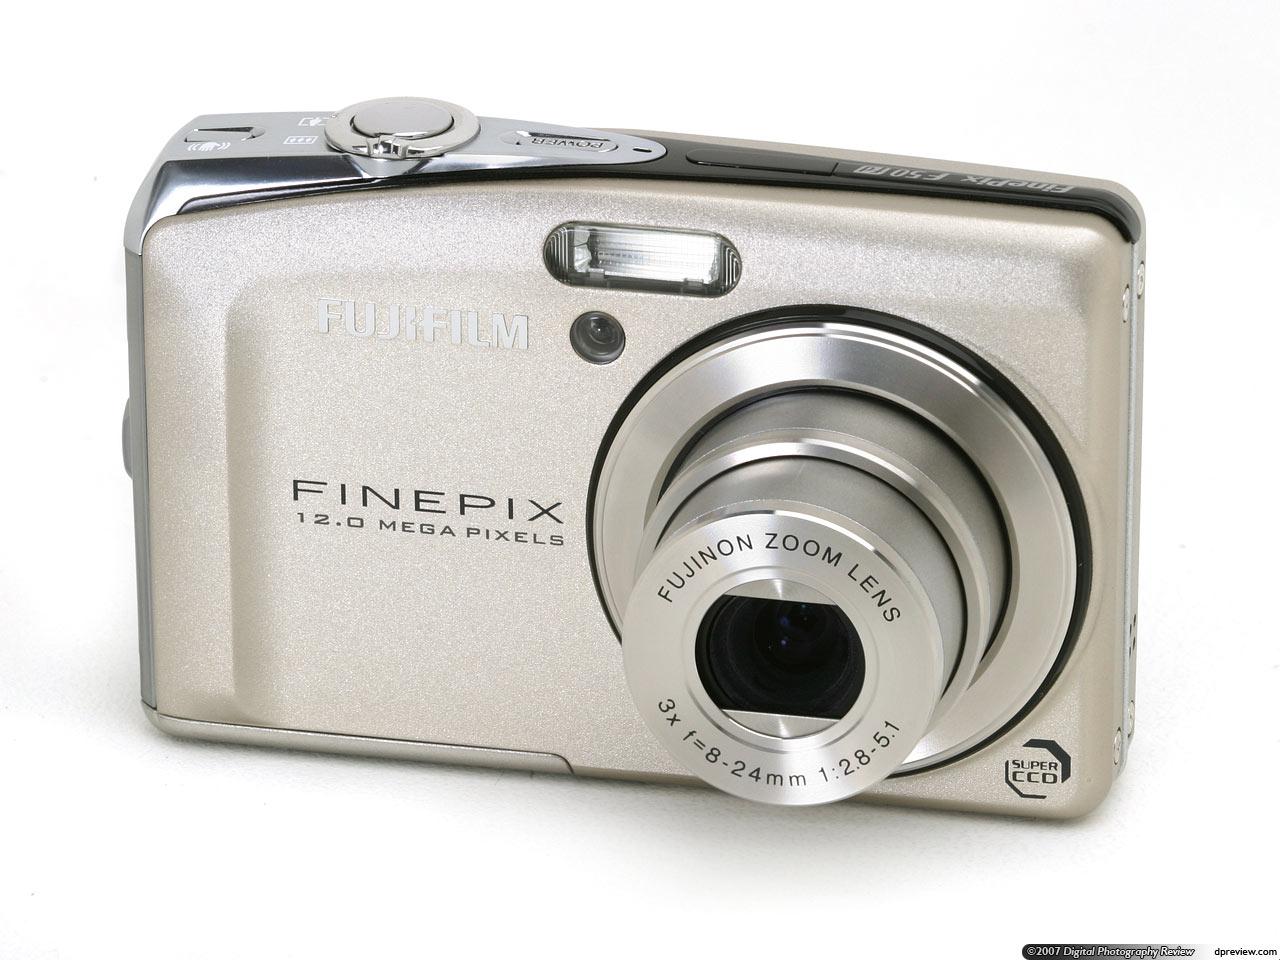 fujifilm finepix f50fd review digital photography review rh dpreview com fujifilm finepix f50fd review fujifilm finepix f50fd review